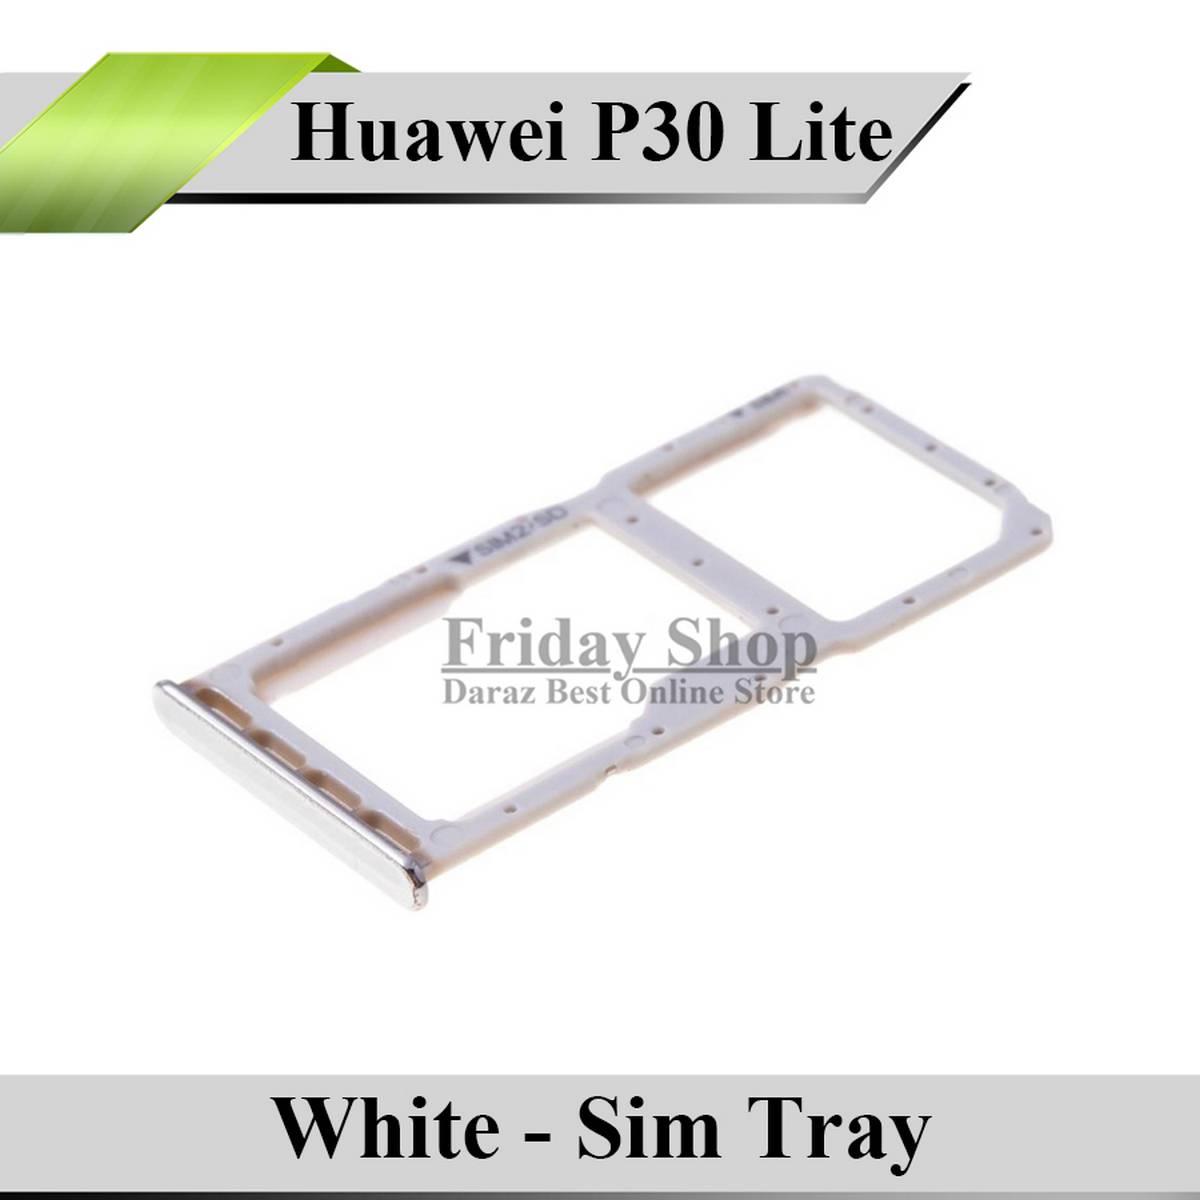 Huawei P30 Lite SIM Tray Sim Jacket Sim Slot Sim Door For P30 Lite - White